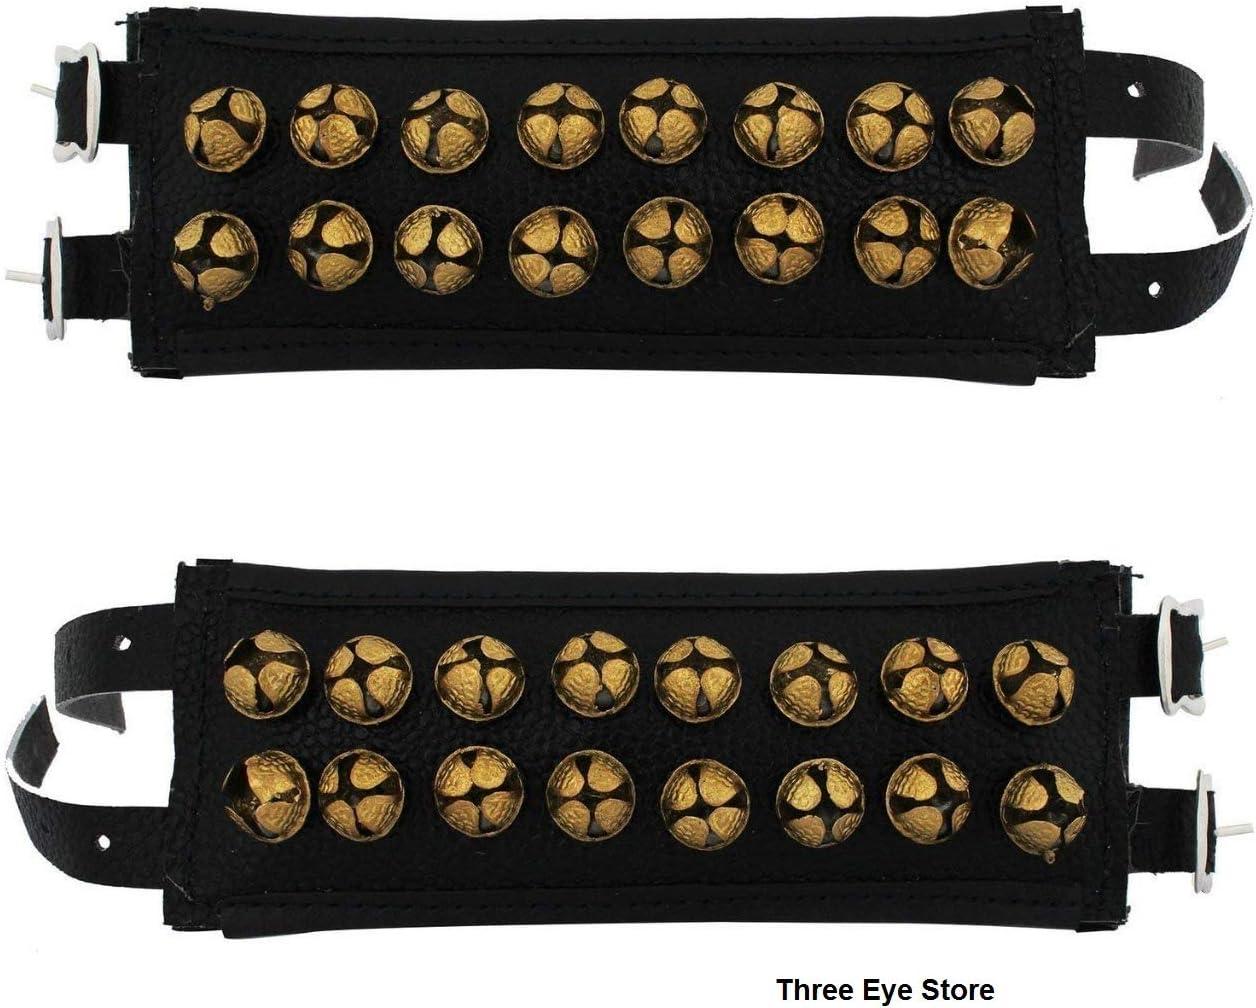 3 개의 눈 상점 GHUNGROO 가죽 패드 2 선 GHUNGRU2 선 가죽 패드 까만 가죽 패드 GHUNGROO2 선 각각에 20 종